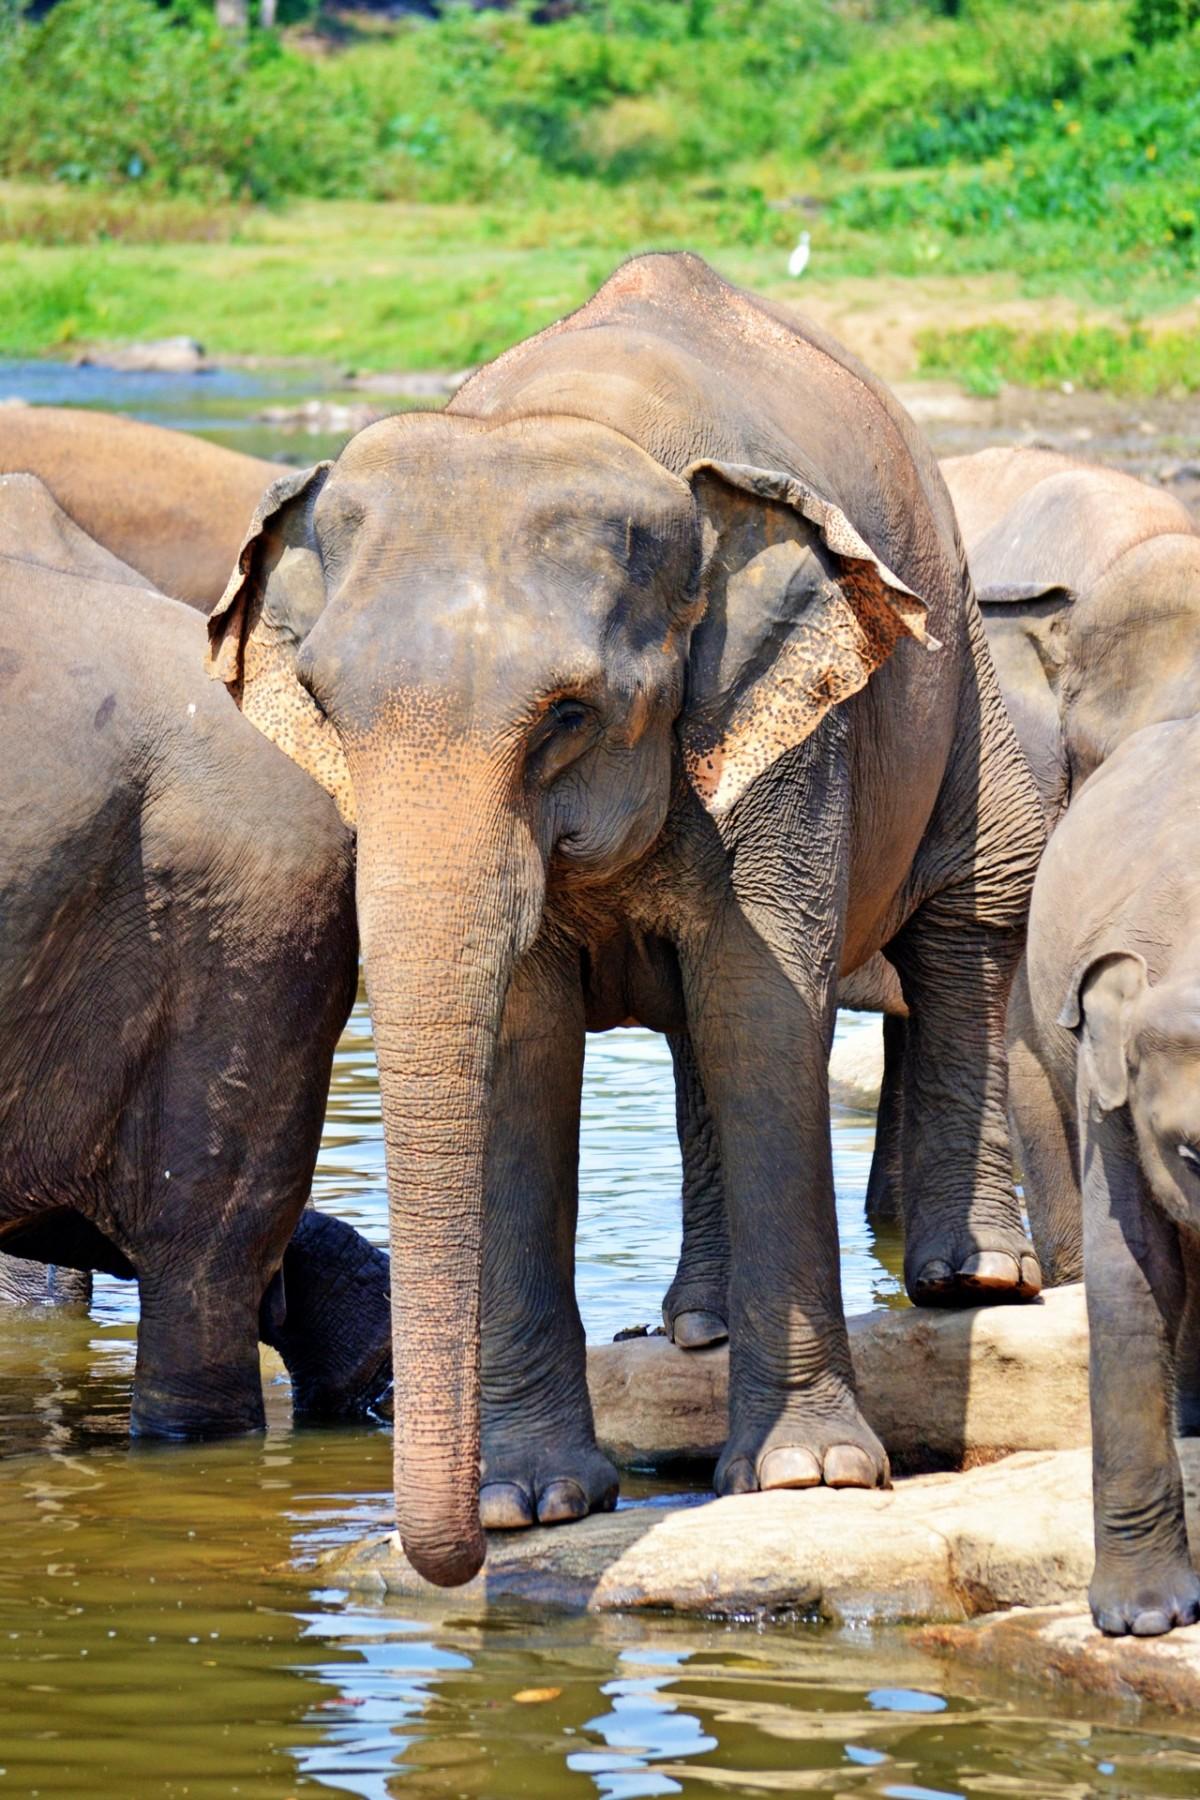 Images gratuites faune zoo mammif re l phant vert br safari sri lanka ceilon - Photos d elephants gratuites ...